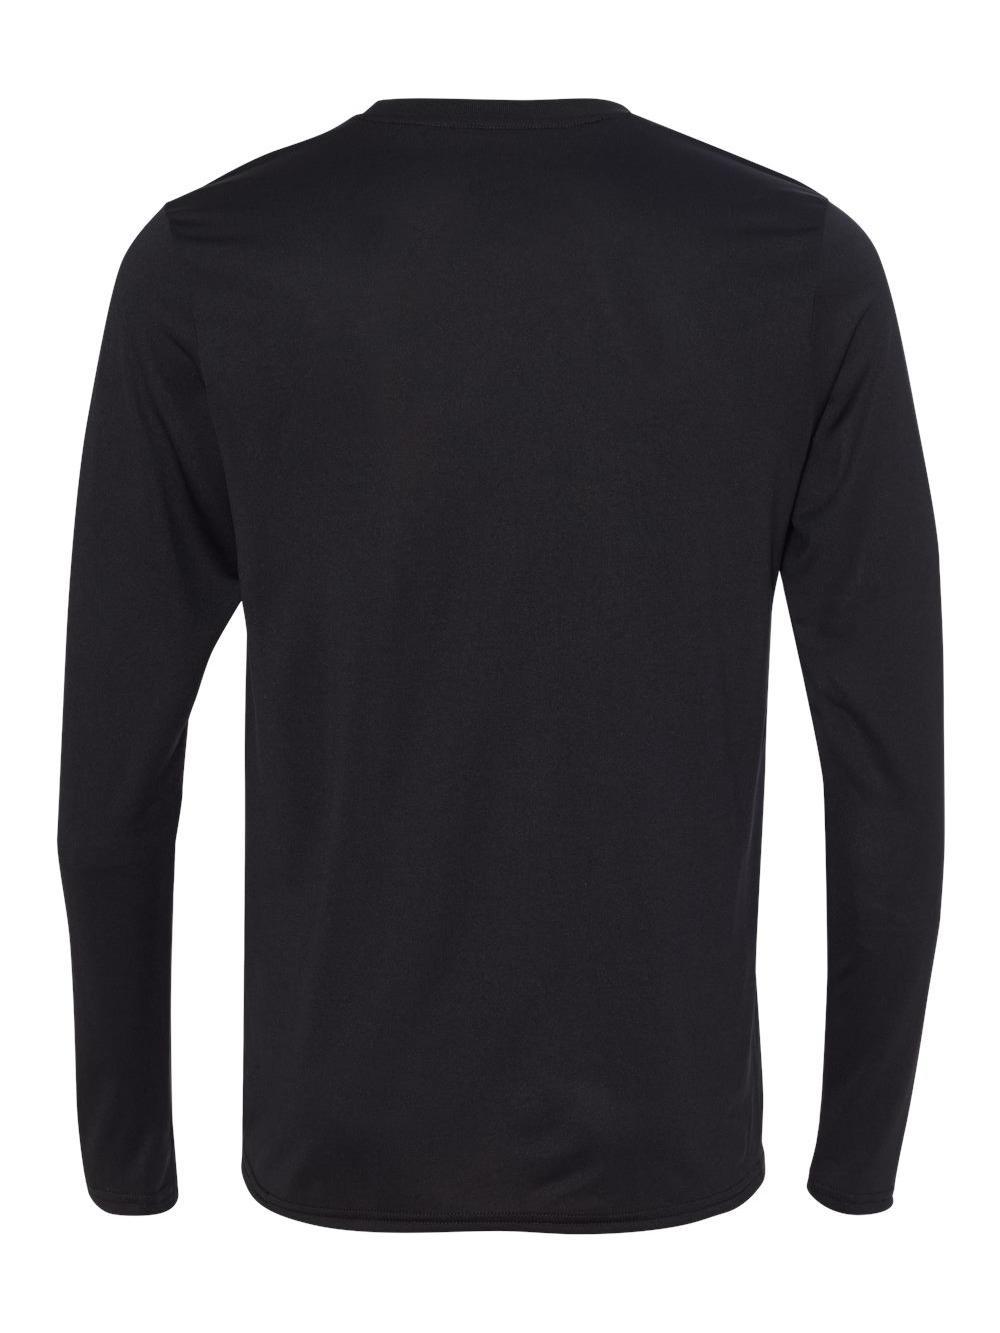 Gildan-Tech-Performance-Long-Sleeve-T-Shirt-47400 miniatura 4